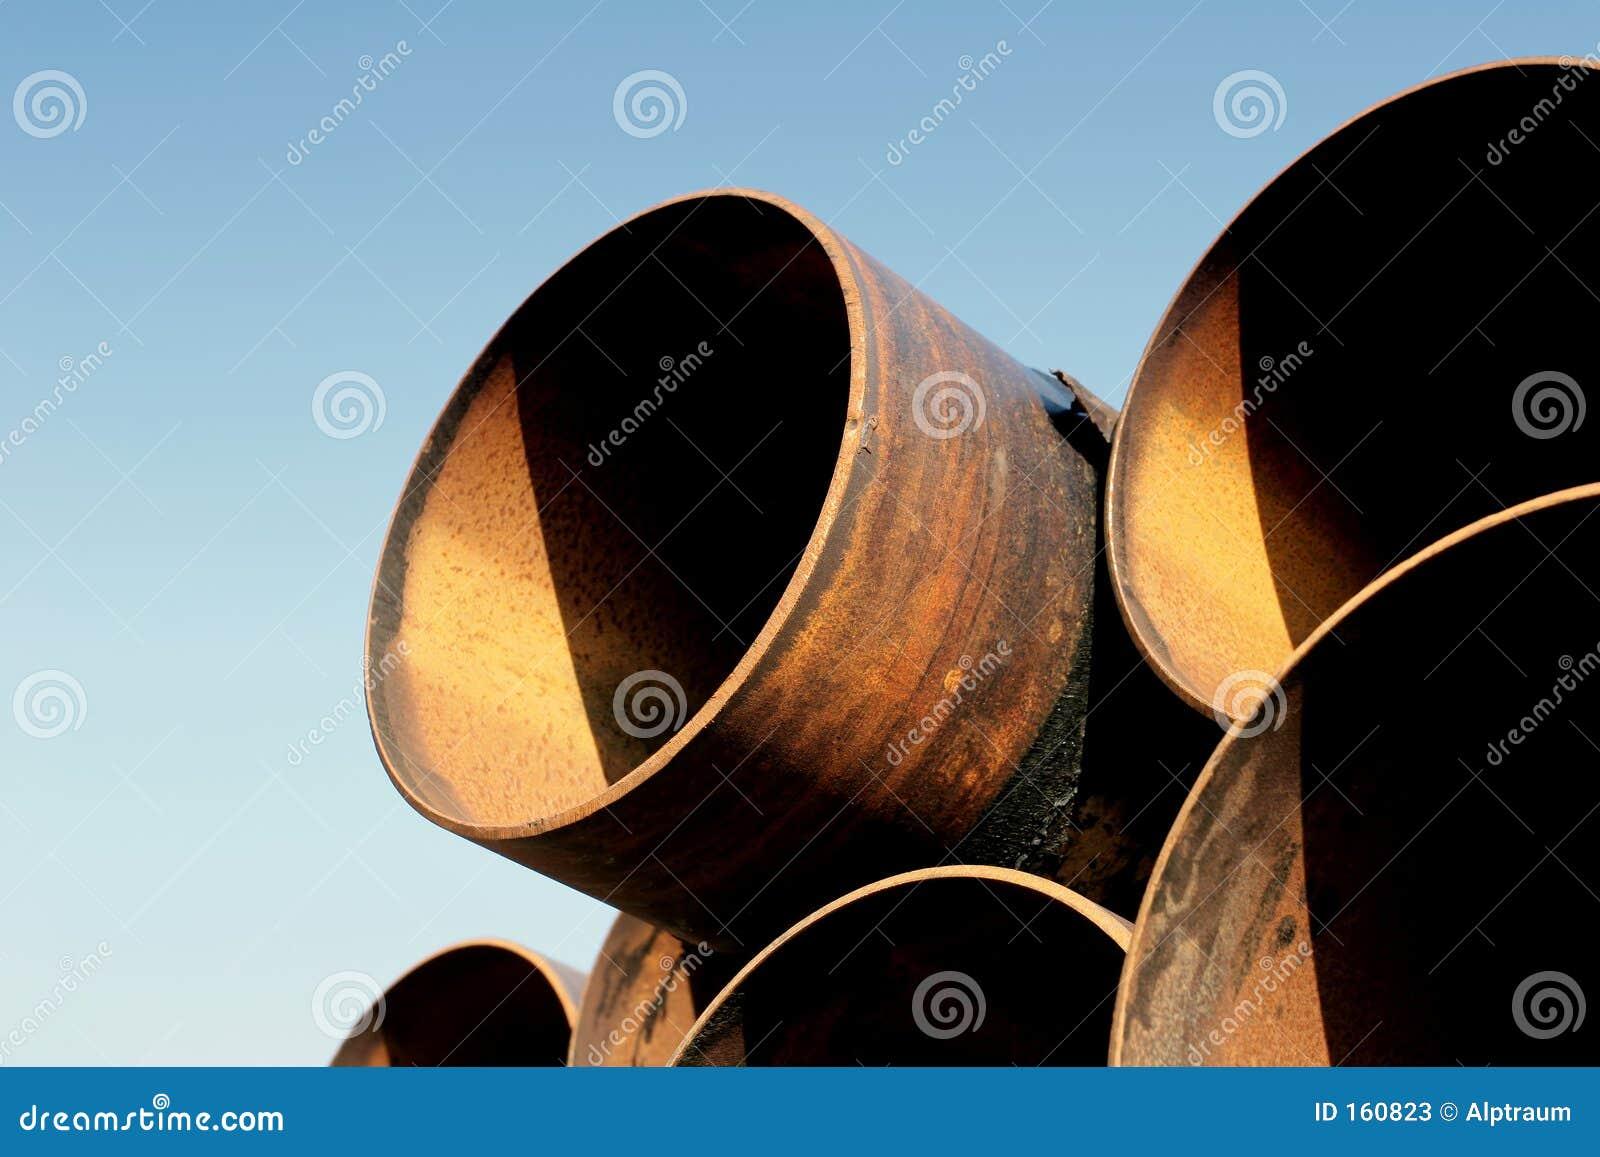 用管道输送生锈的钢